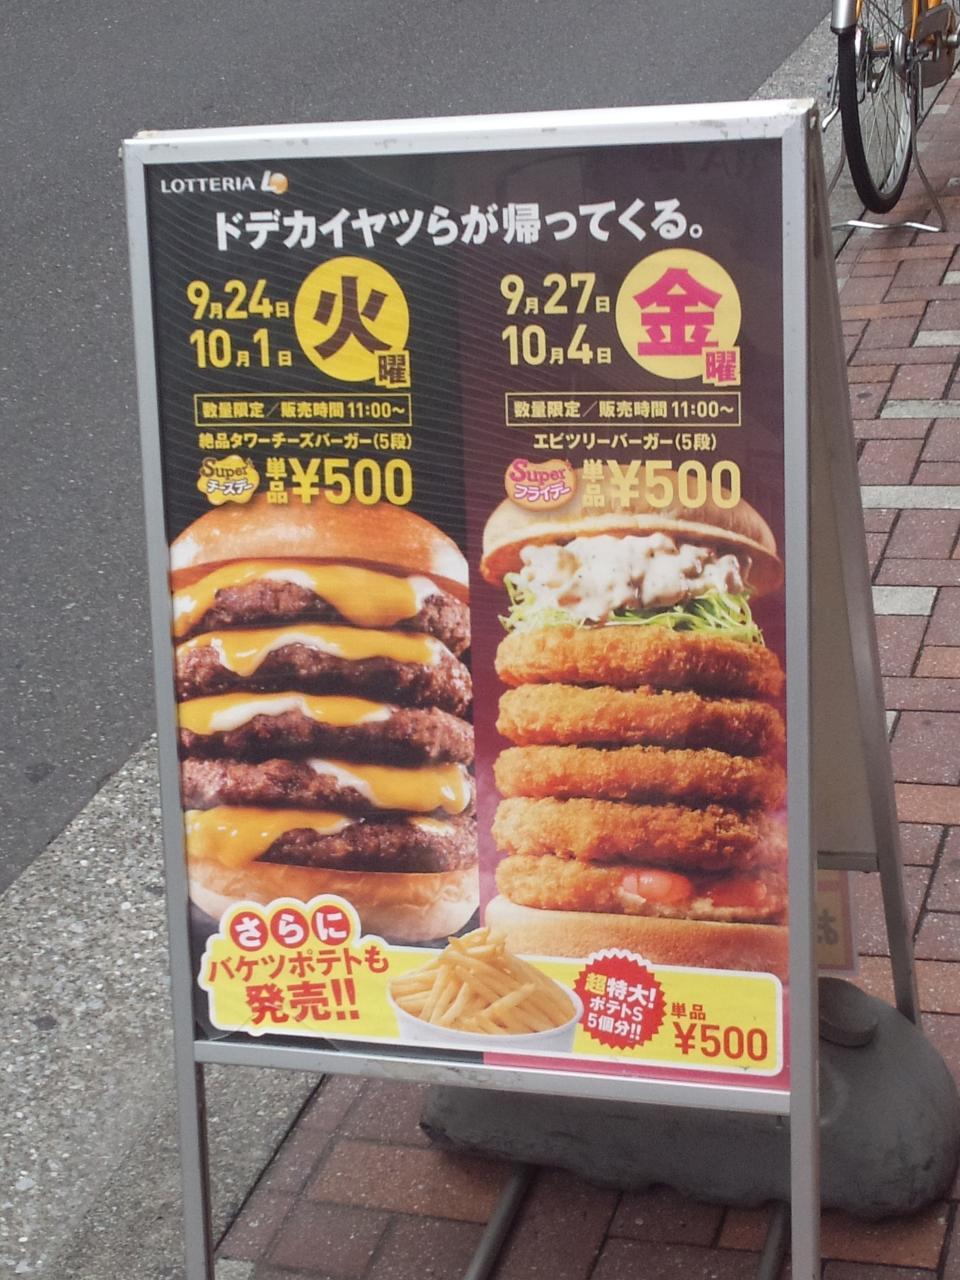 ロッテリア日本橋高島屋店(看板)